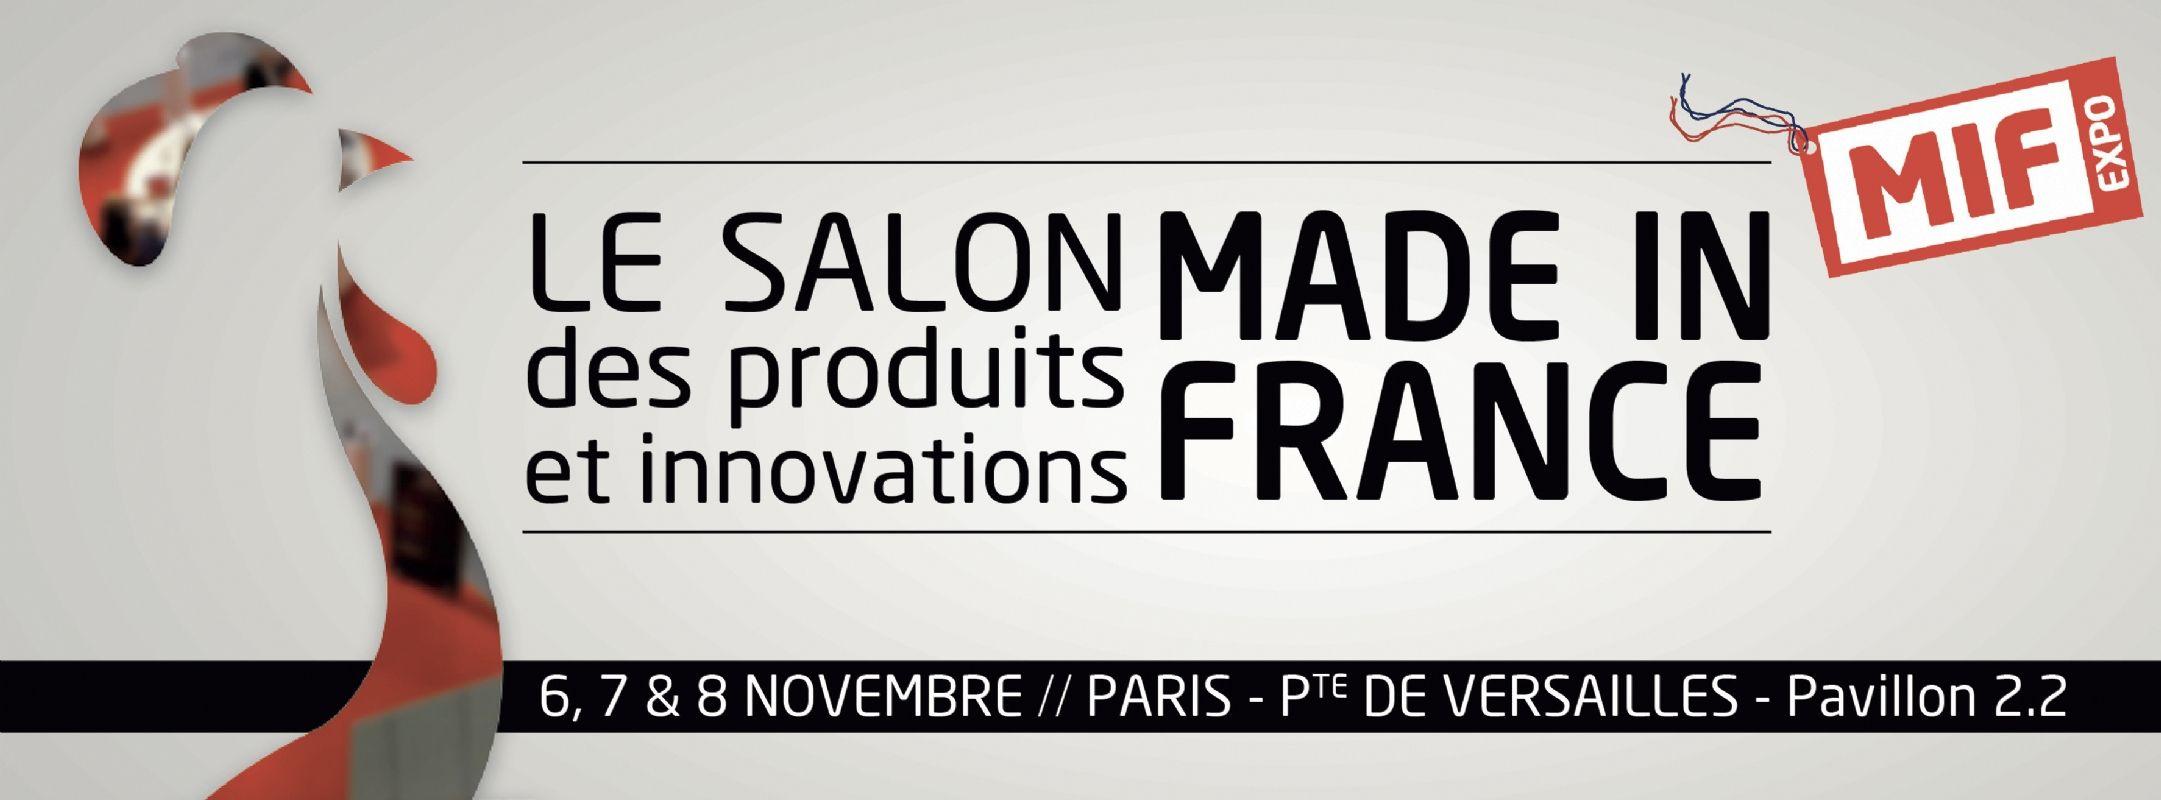 Le salon made in france ouvre ses portes du 6 au 8 for Porte de versailles salon made in france